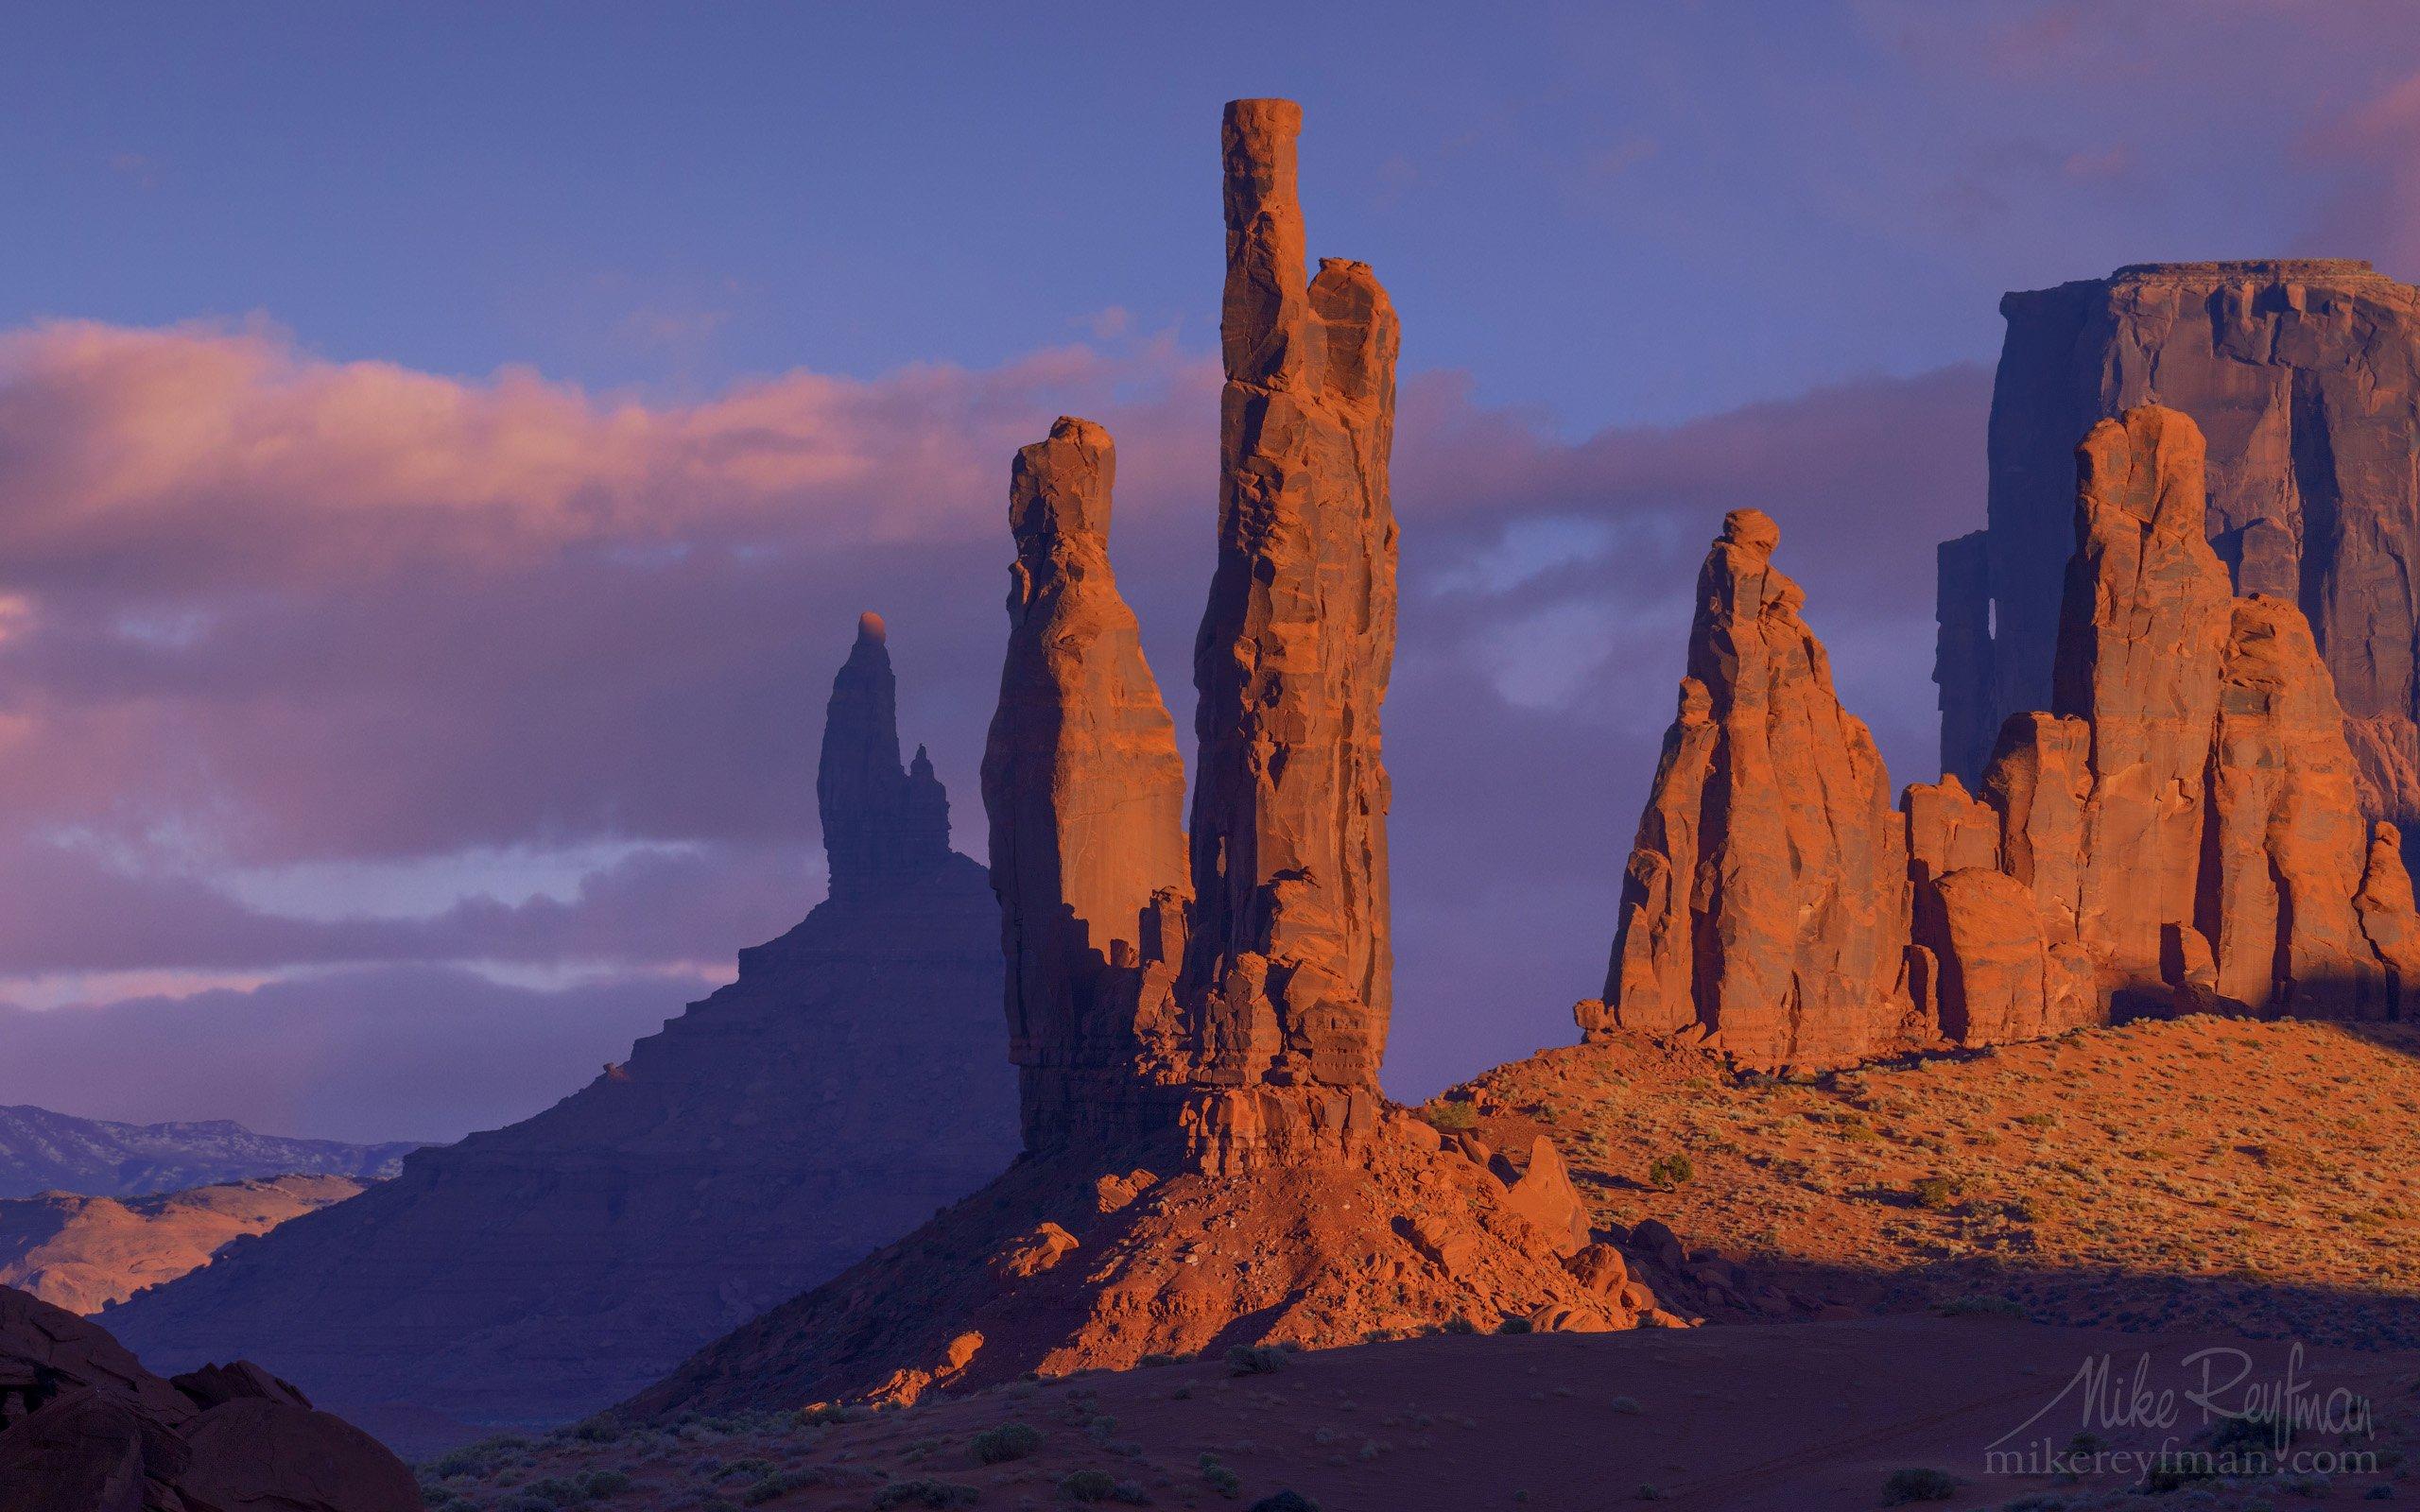 400mm, totem pоle, yei-bi-chei, monument valley, arizona, usa, Майк Рейфман